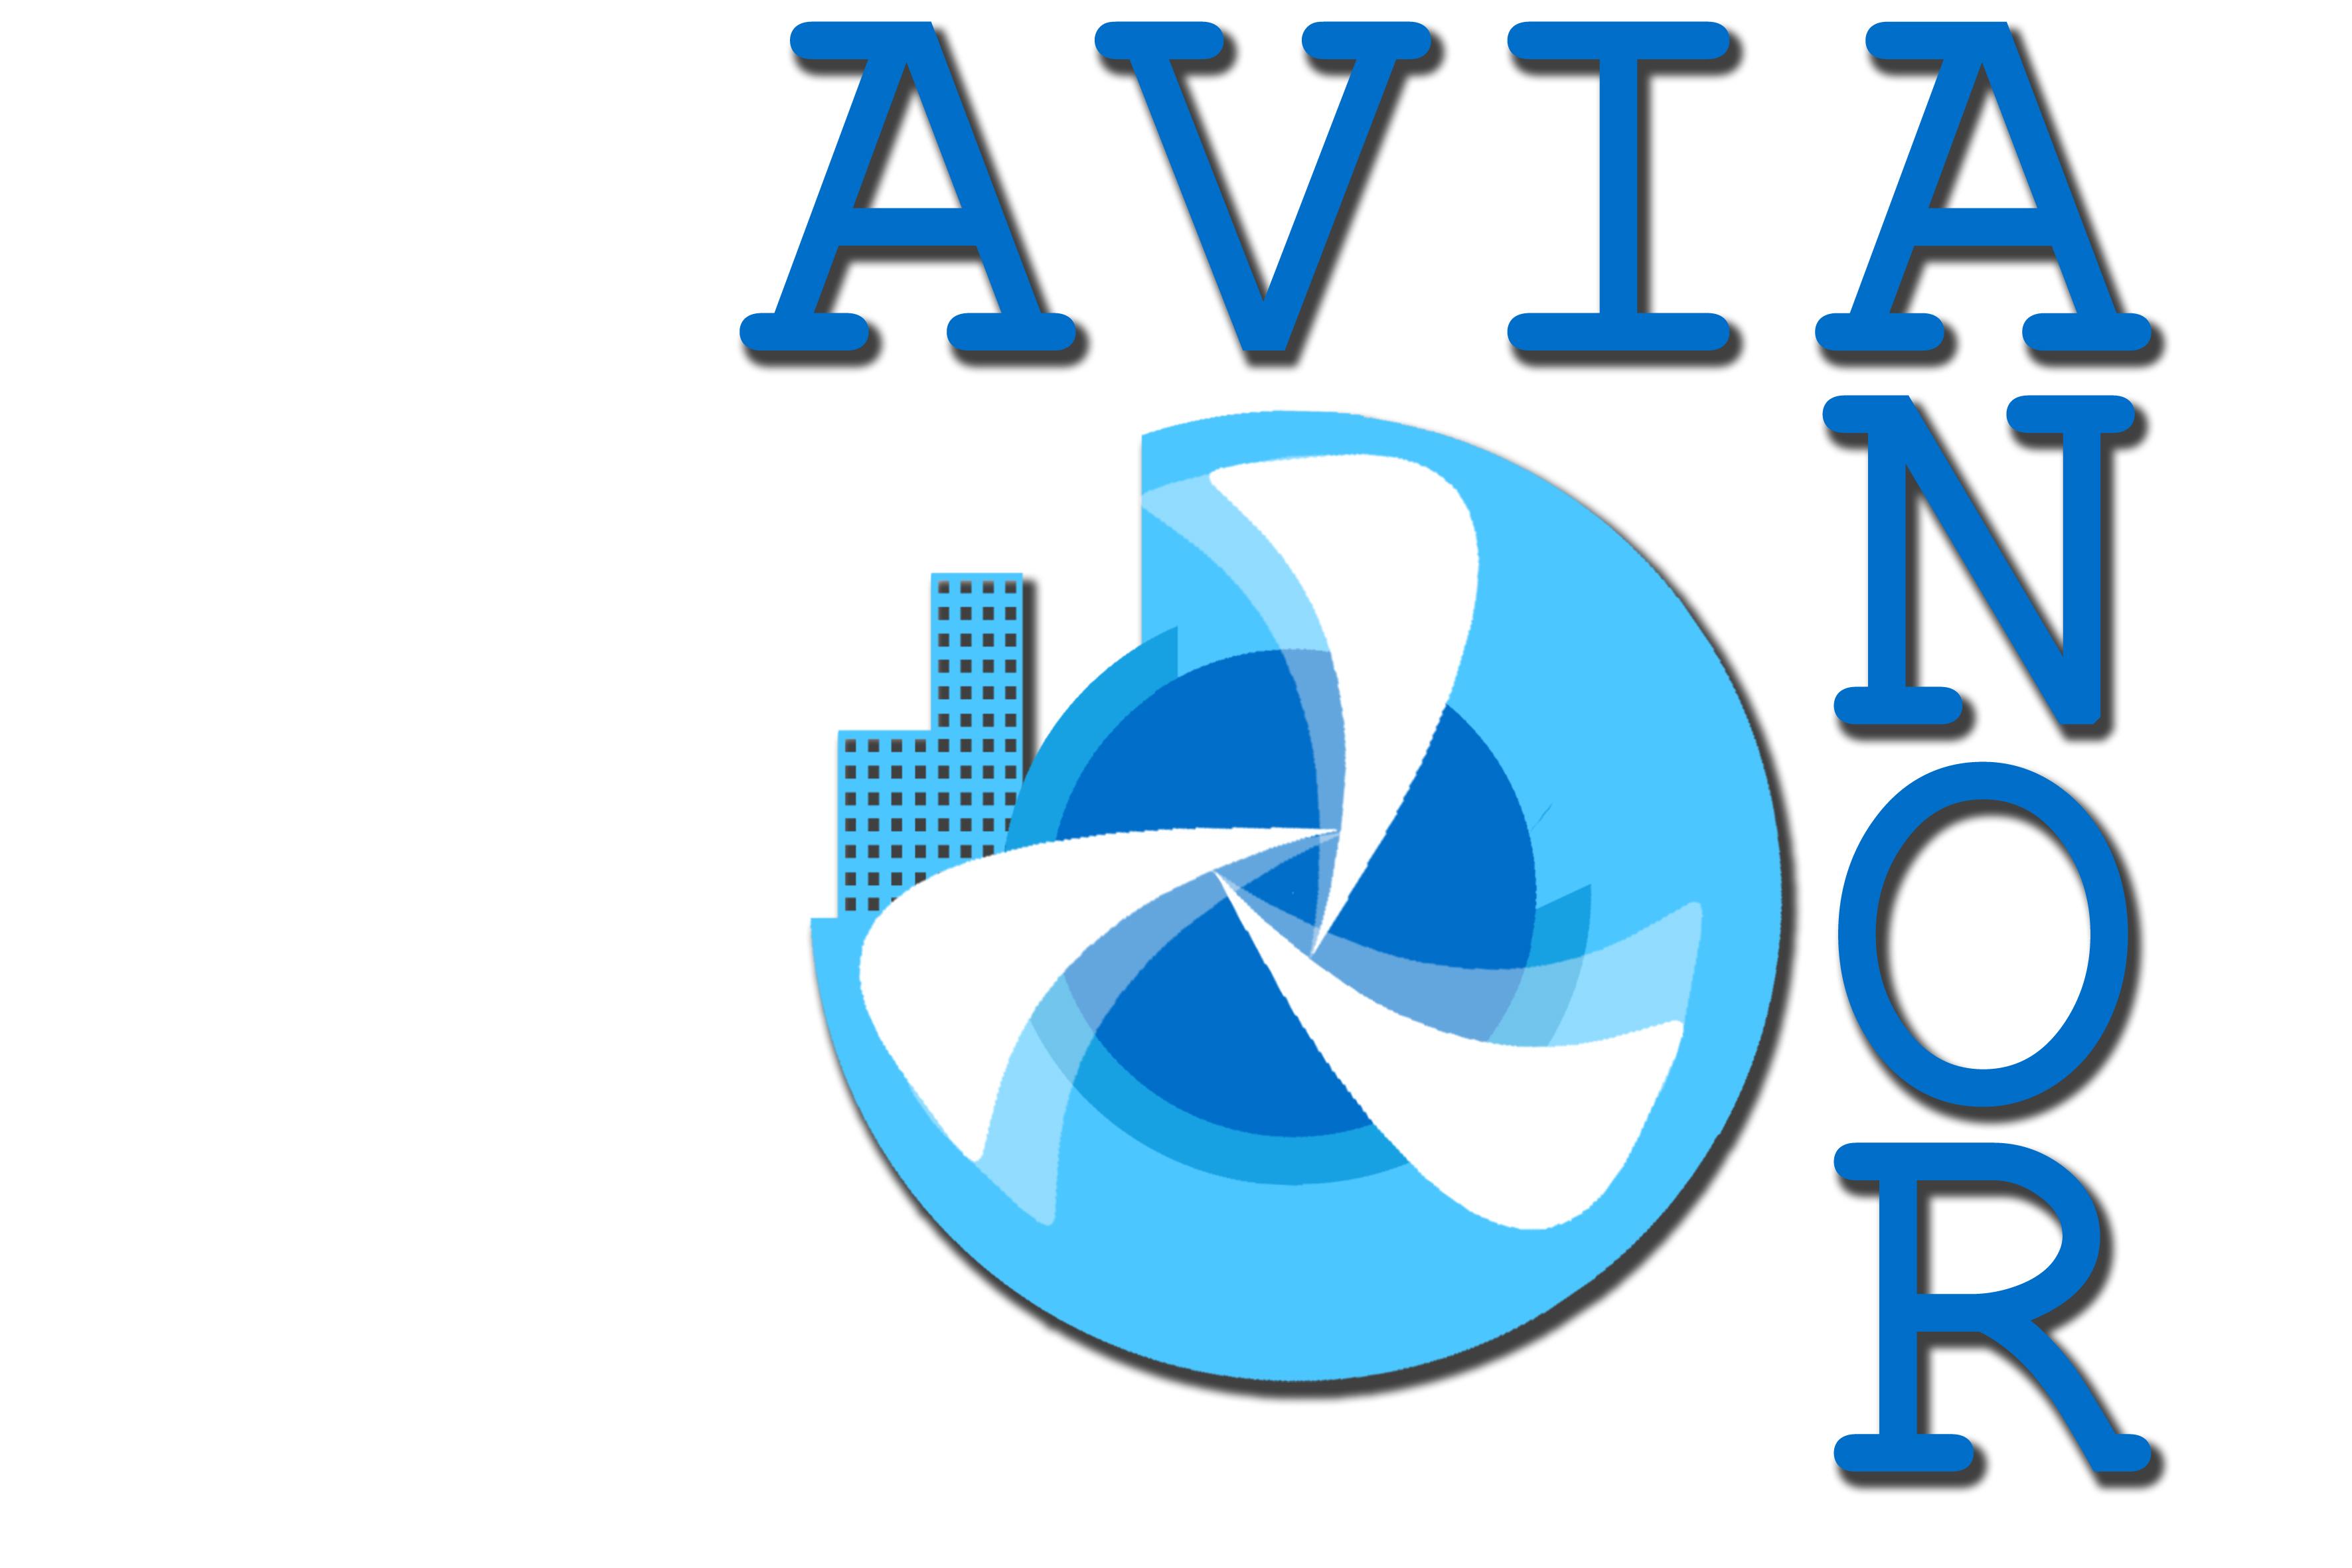 Нужен логотип и фирменный стиль для завода фото f_110528f98745a271.jpg